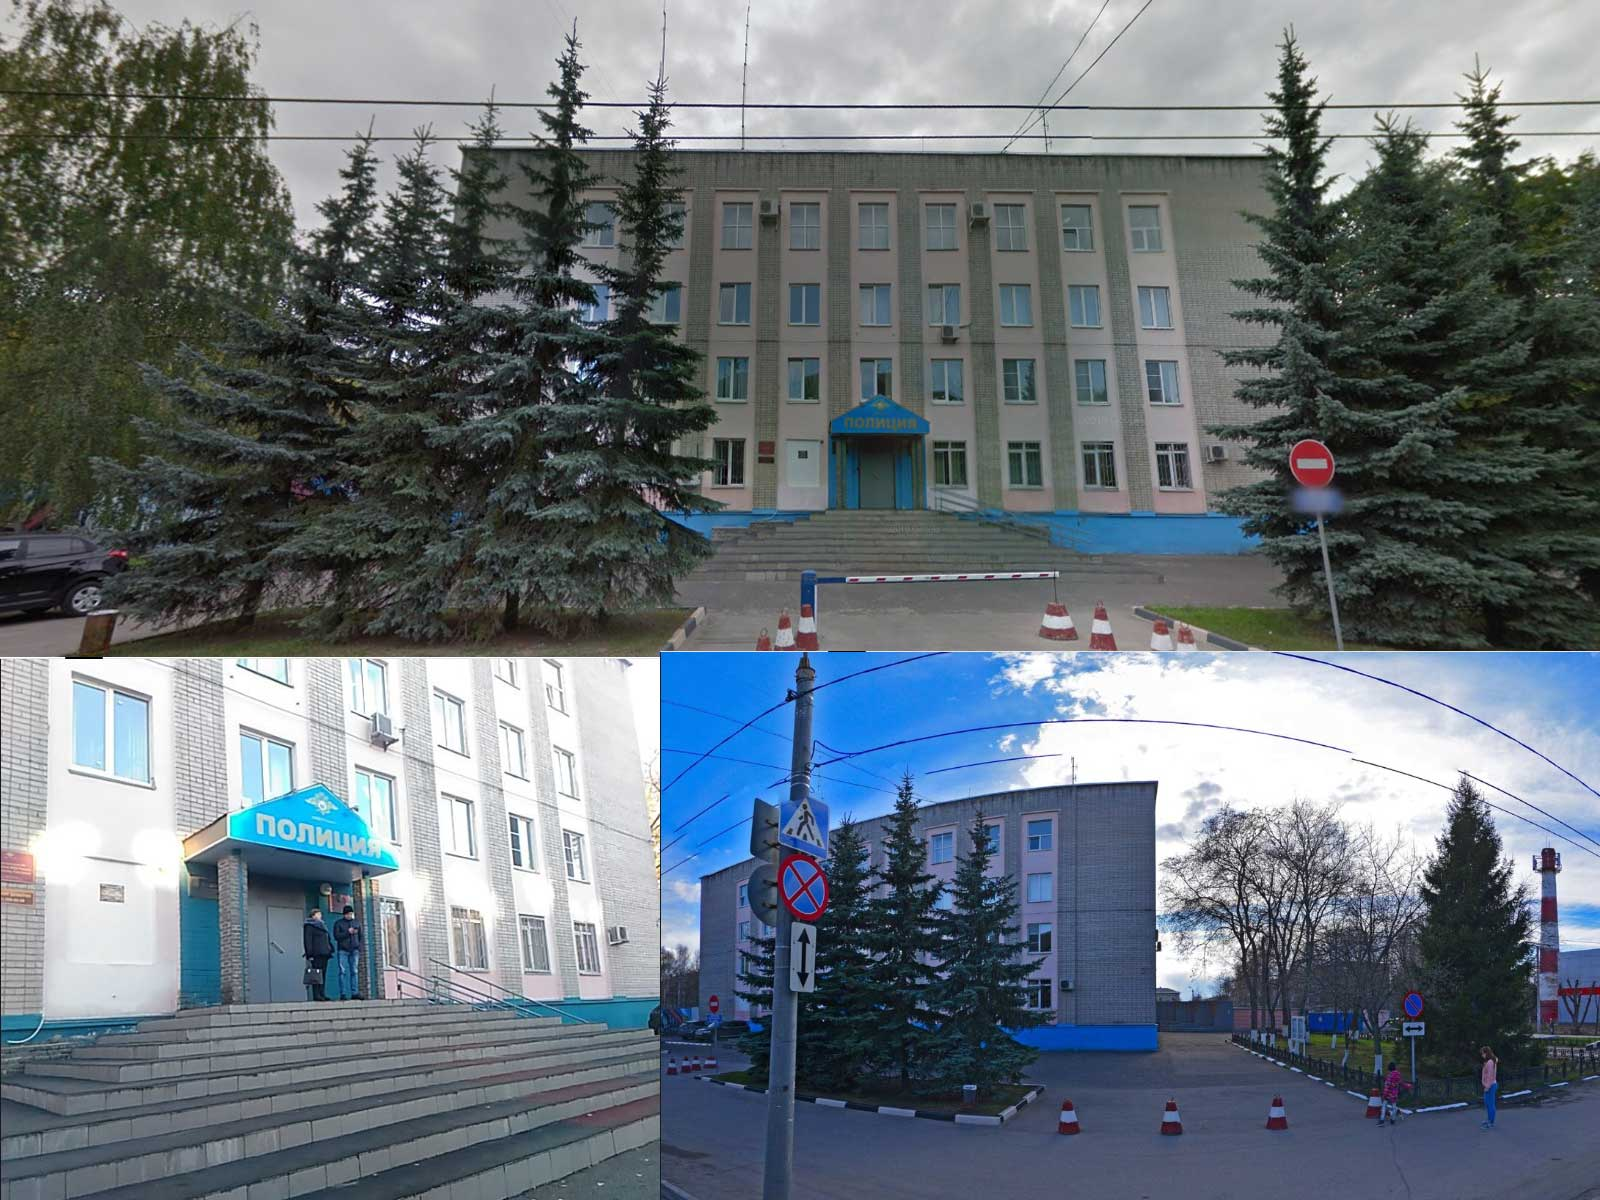 Вид на здание УФМС по Автозаводскому району, Нижний Новгород